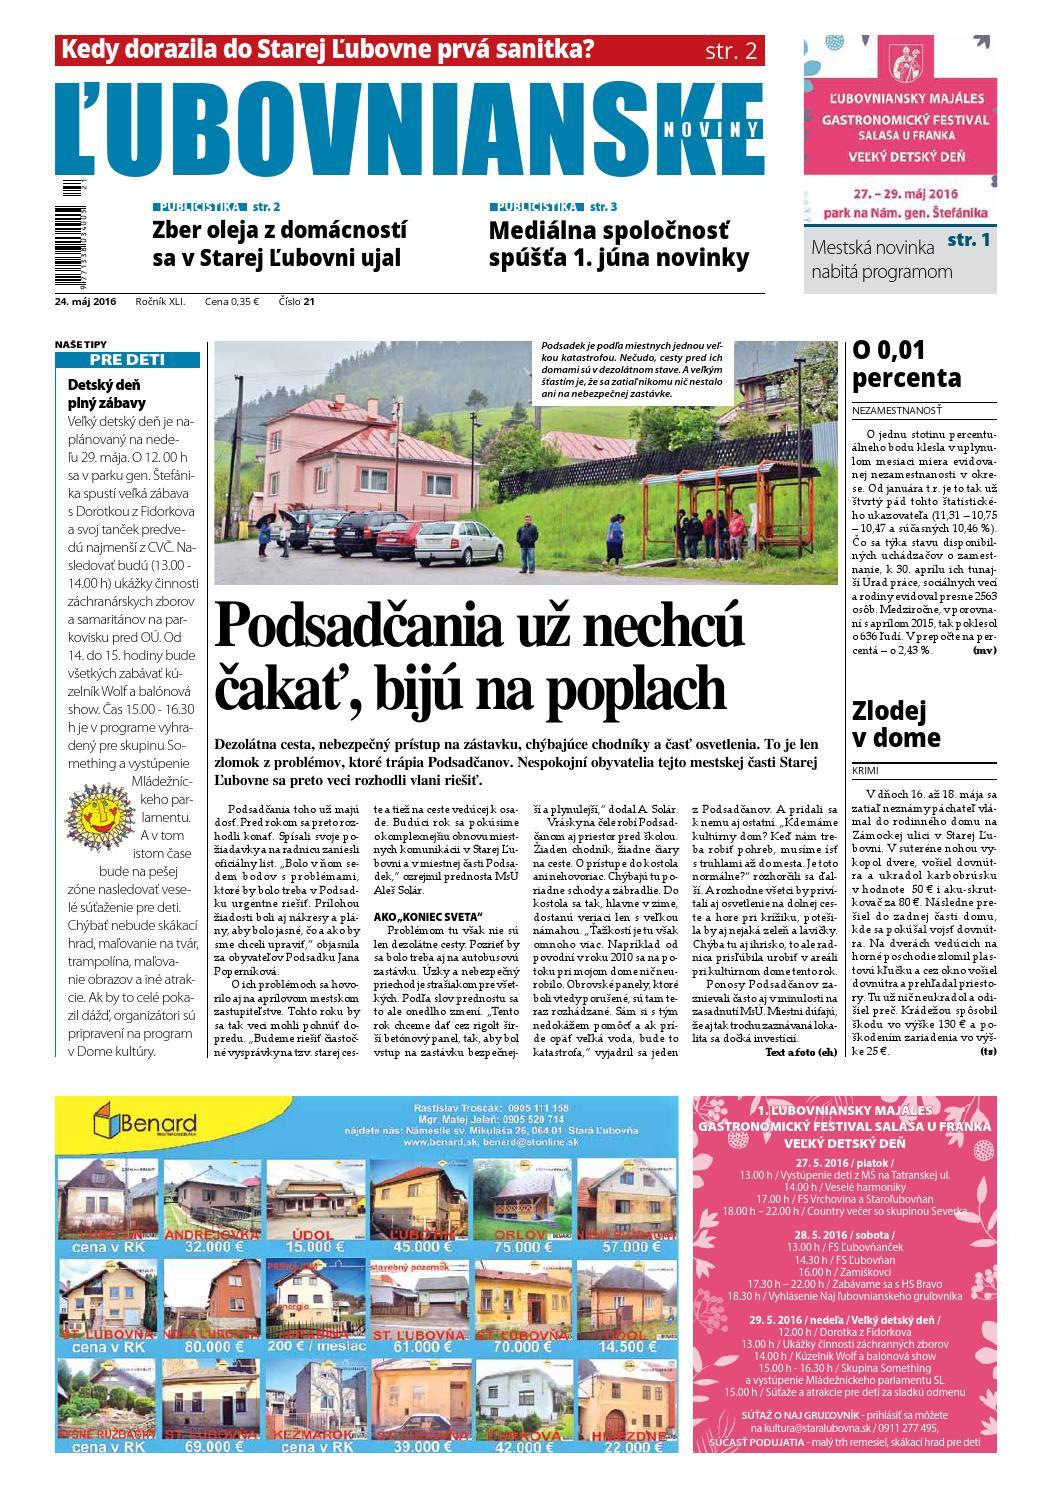 Ľubovnianske noviny č. 21 2016 by Vladimir Zima - issuu b72e8f5a522